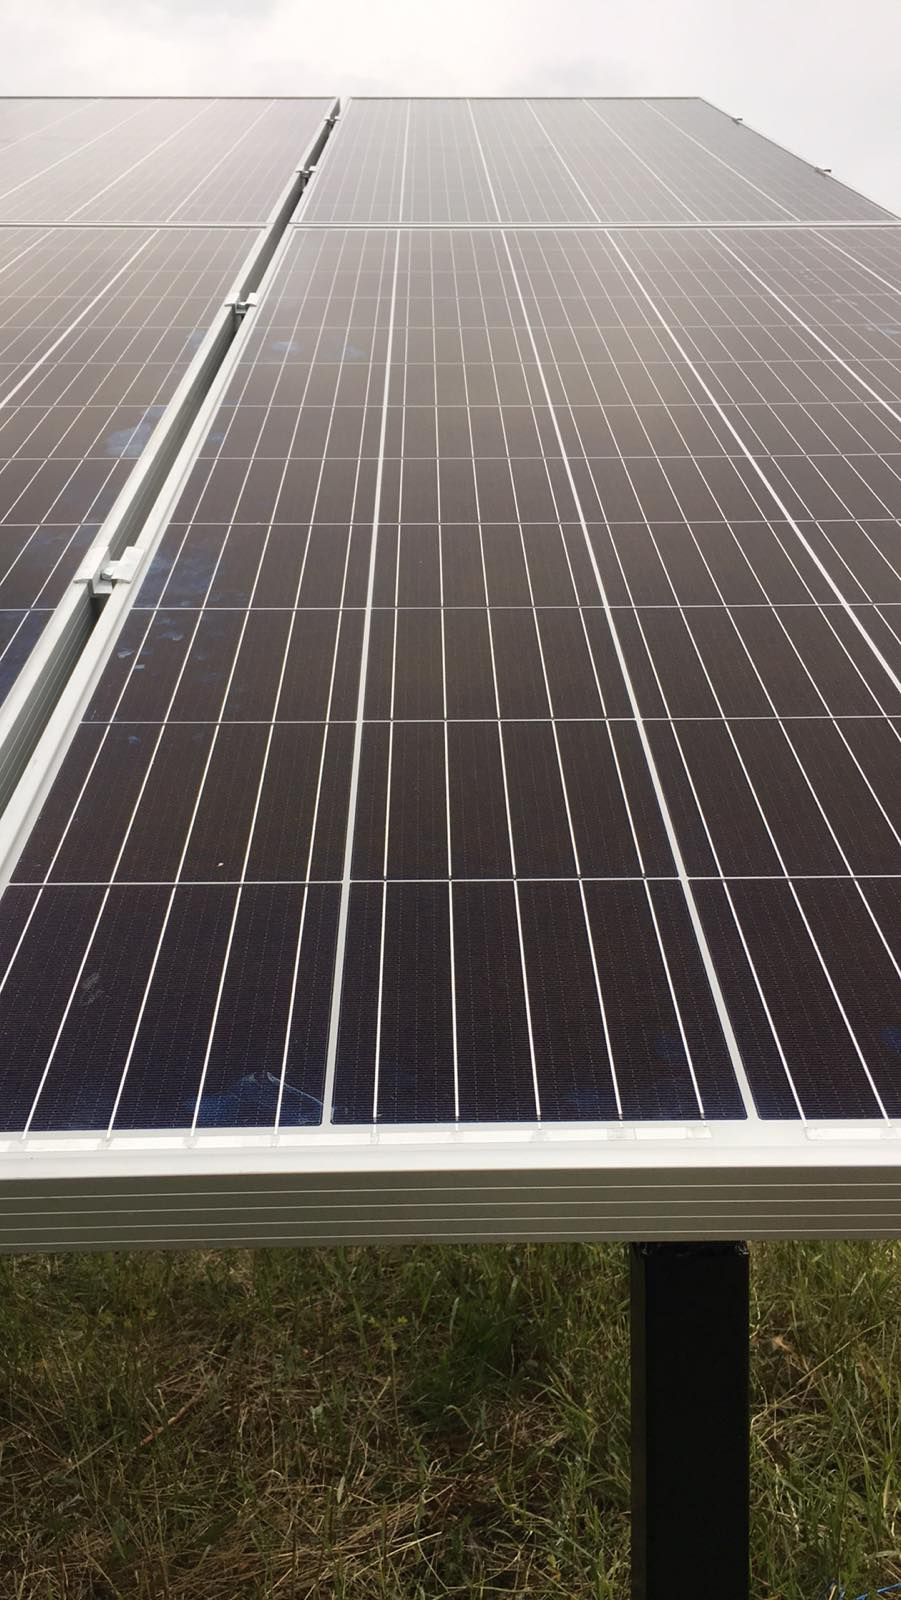 Поръчка на соларни панели и монтаж